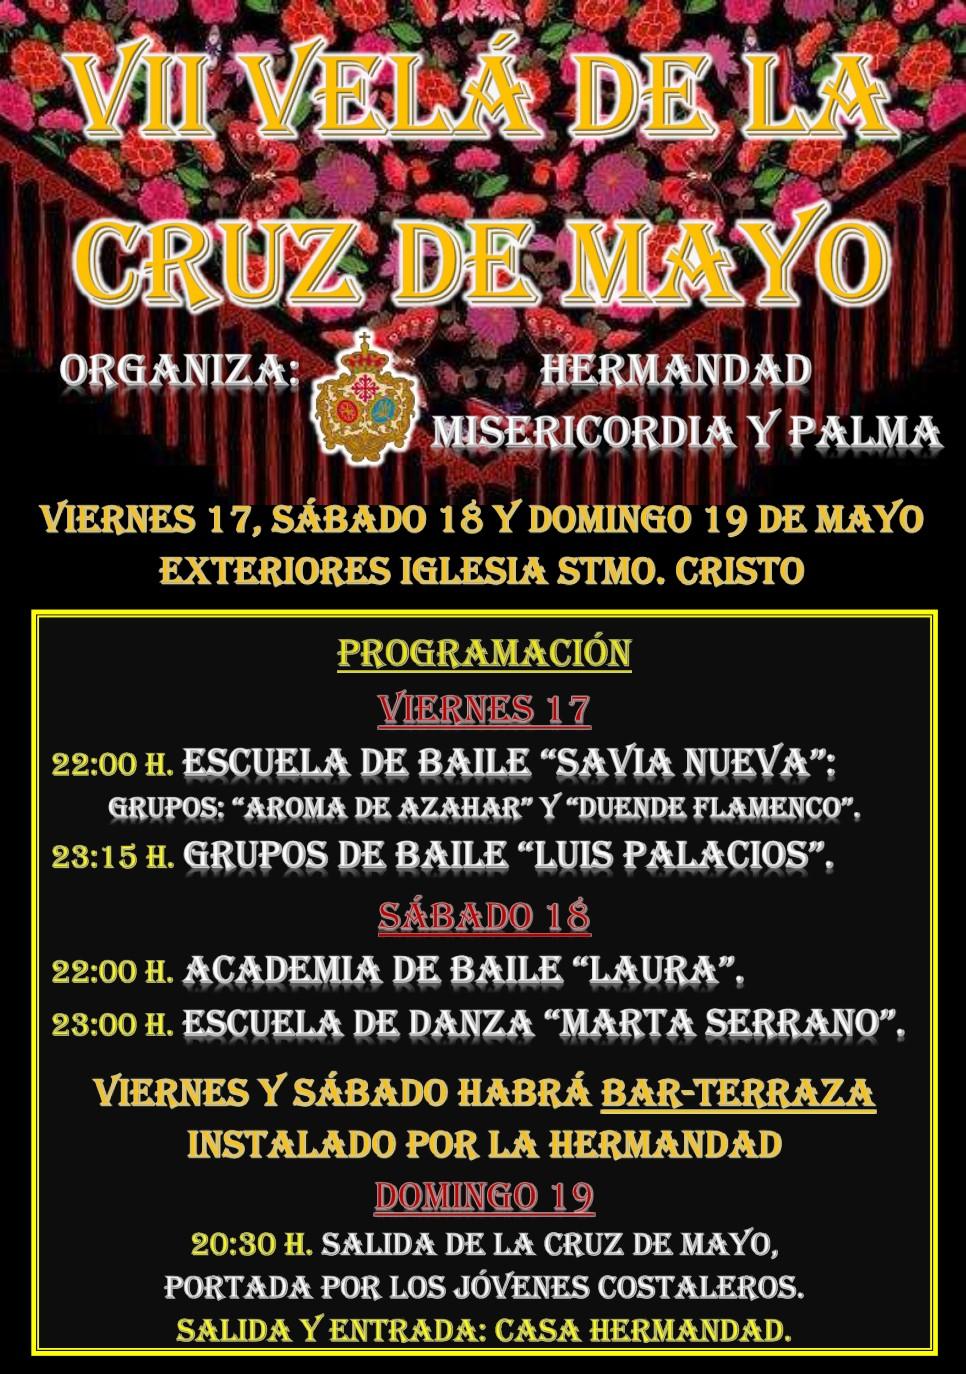 Recordatorio. Este viernes 17 y sábado 18 de mayo, se celebra la VII Velá de la Cruz de Mayo de Misericordia y Palma.